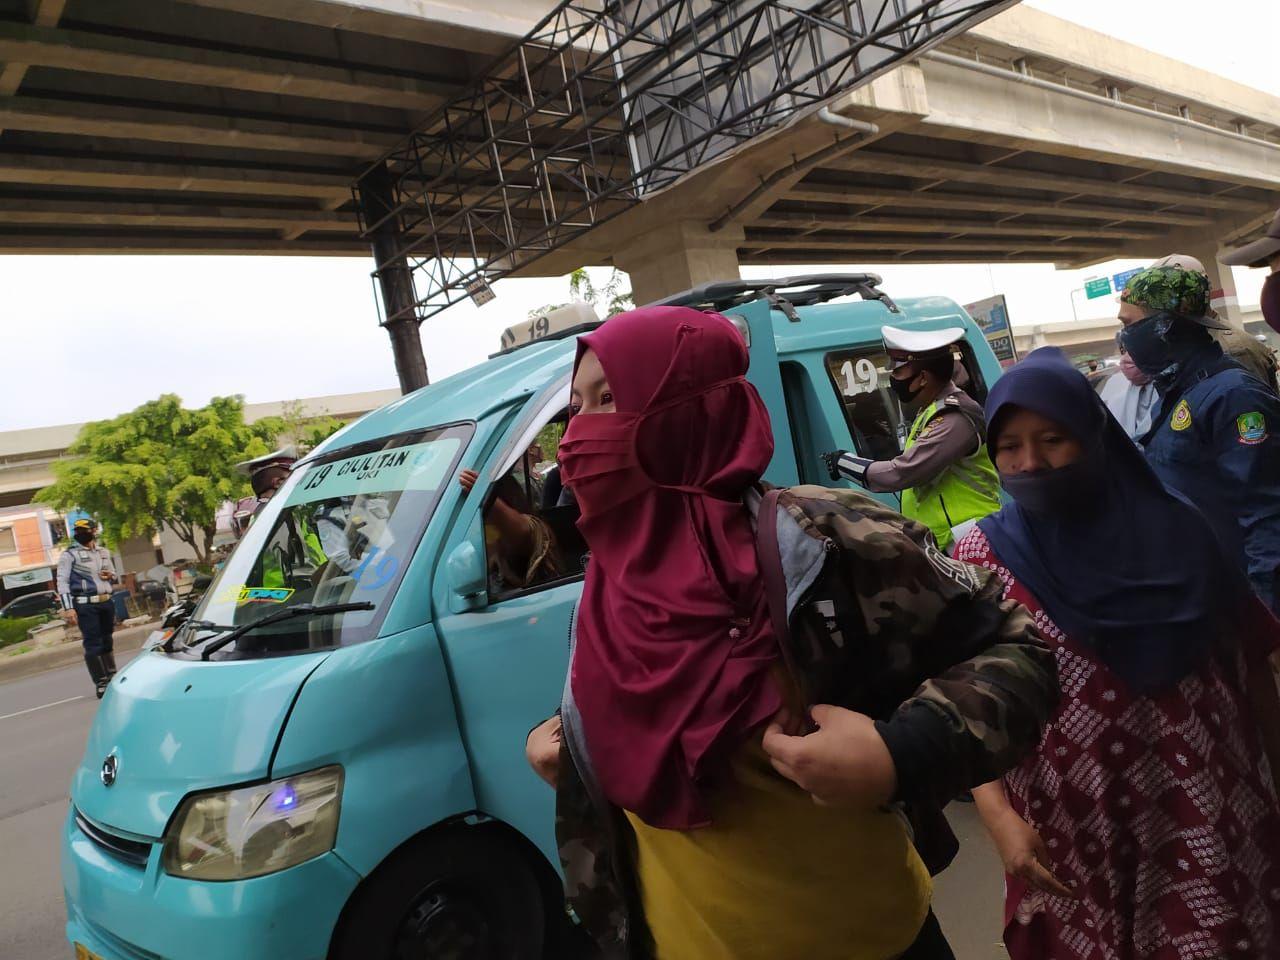 Polisi memindahkan sebagian penumpang angkot karena tidak mematuhi formasi duduk